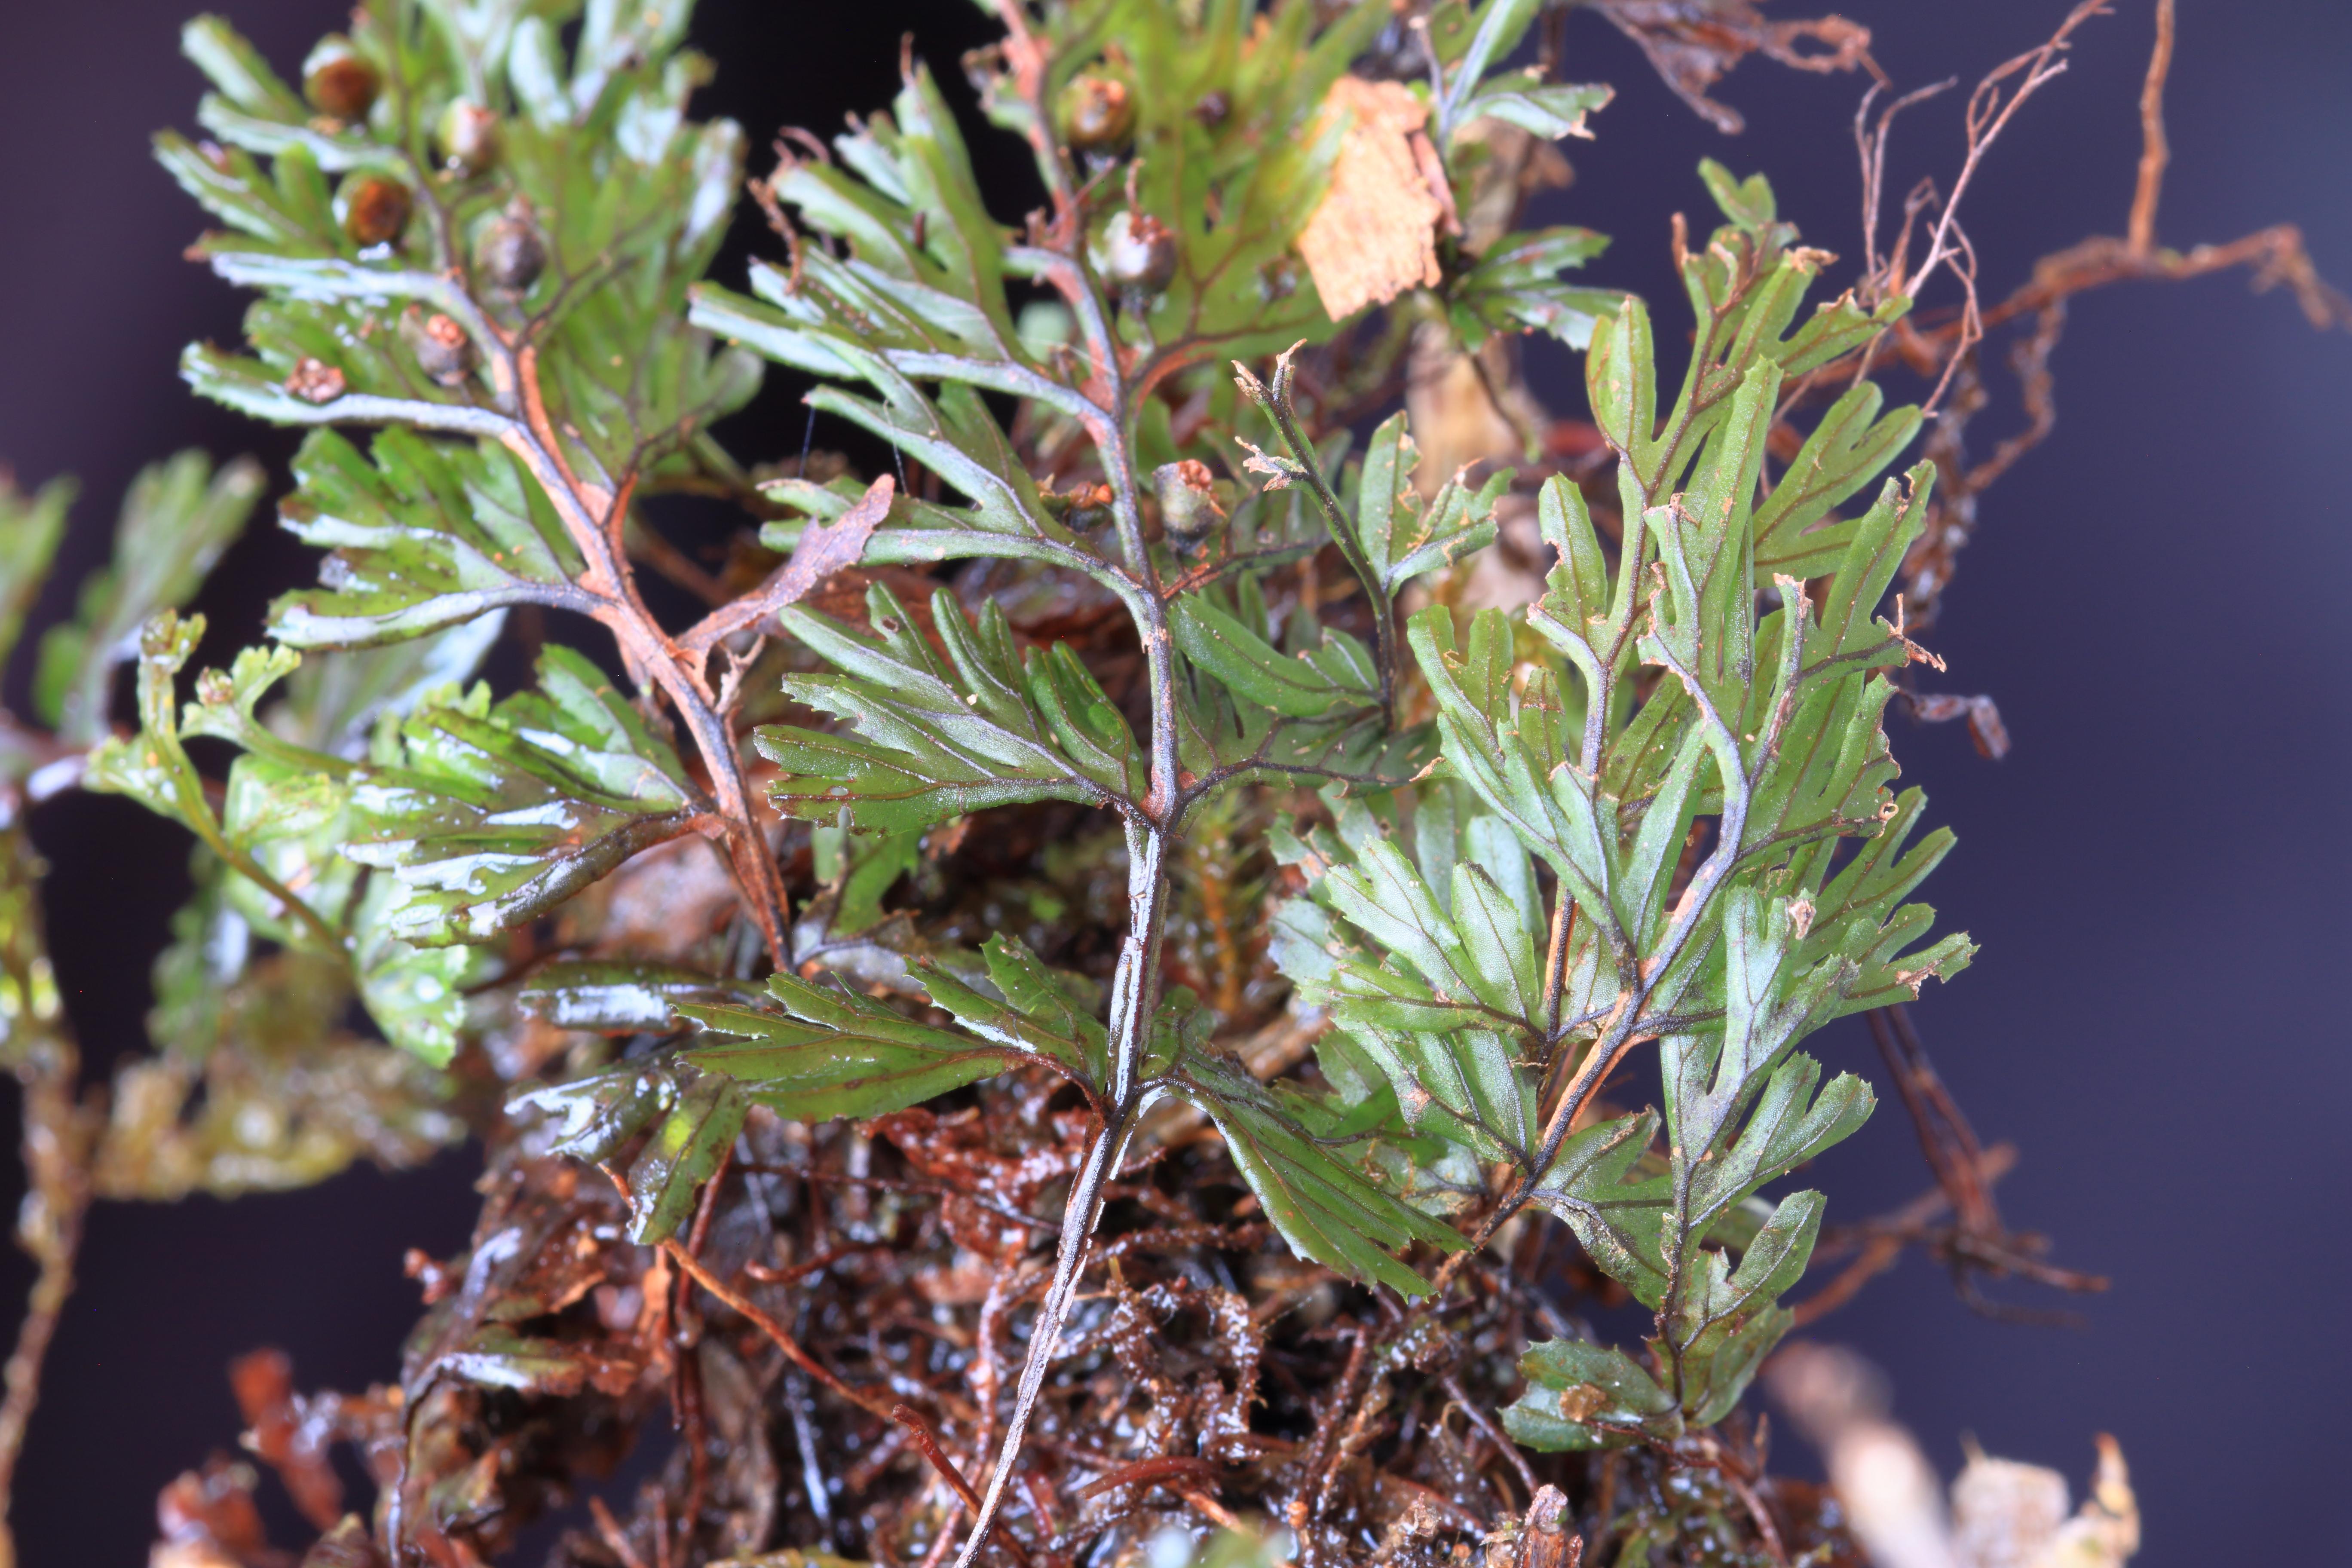 img_7100-hymenophyllum-tungrigense-a-10.jpg